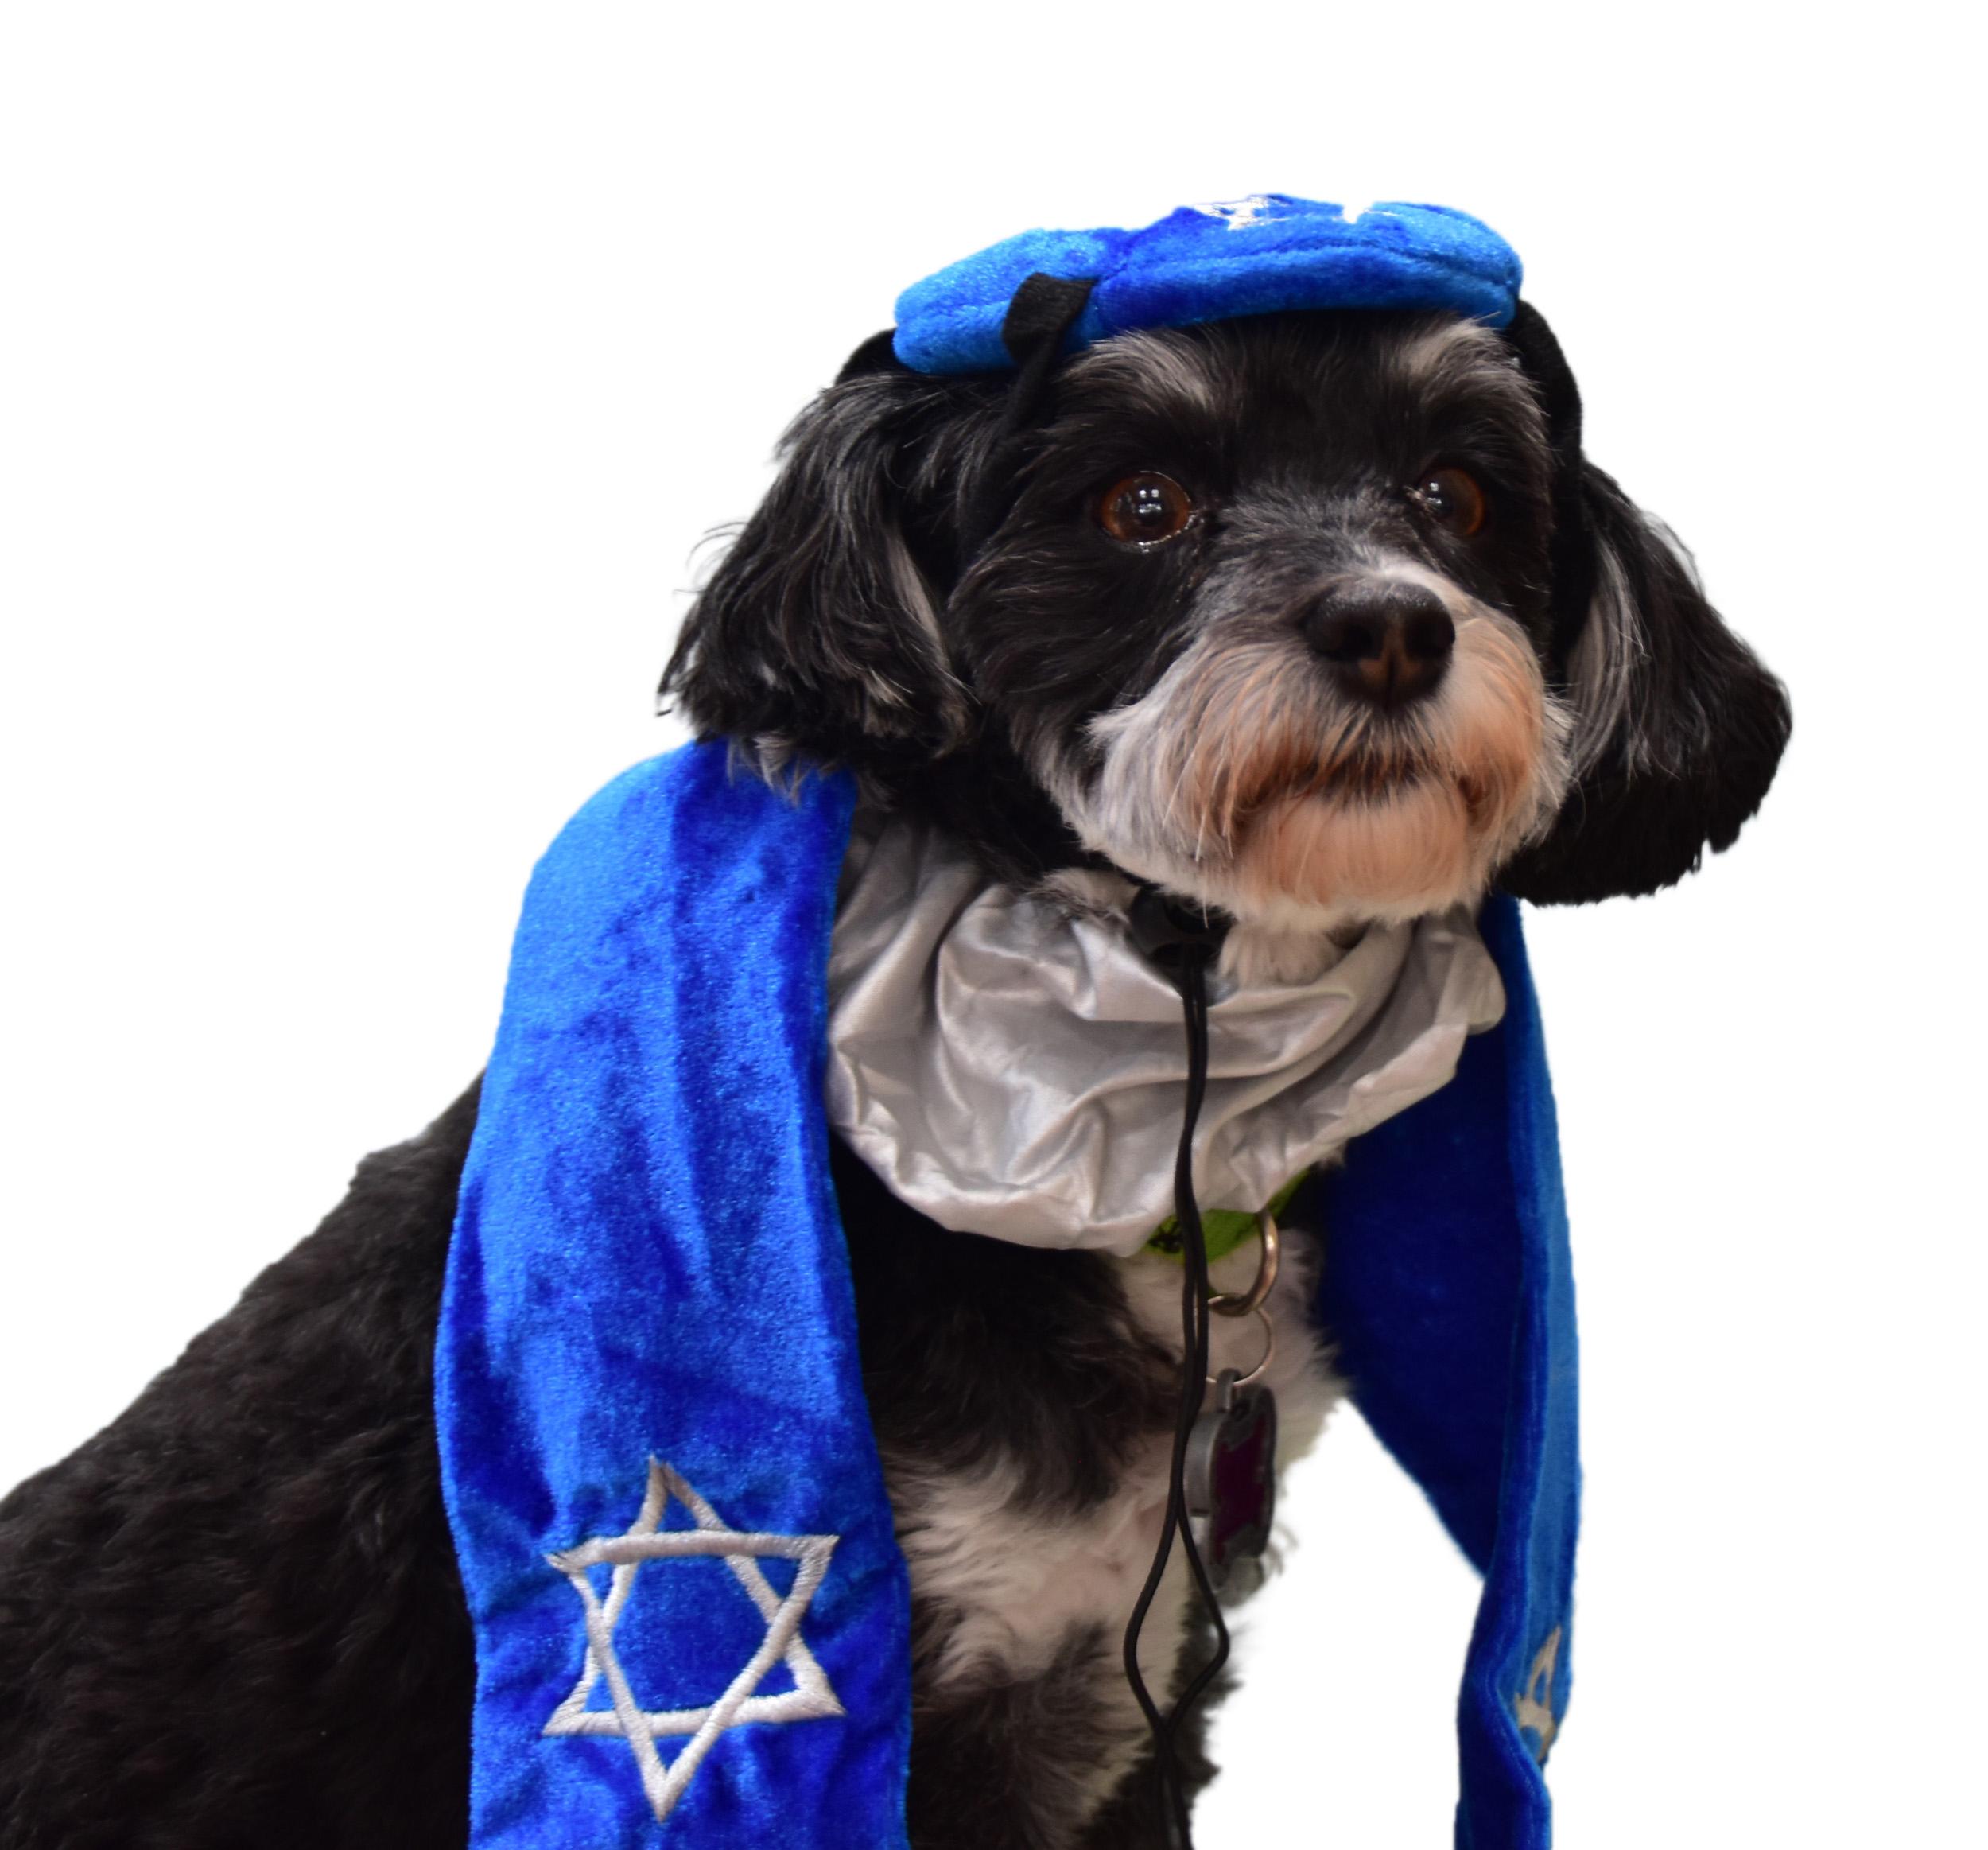 dog with kippah and tallit